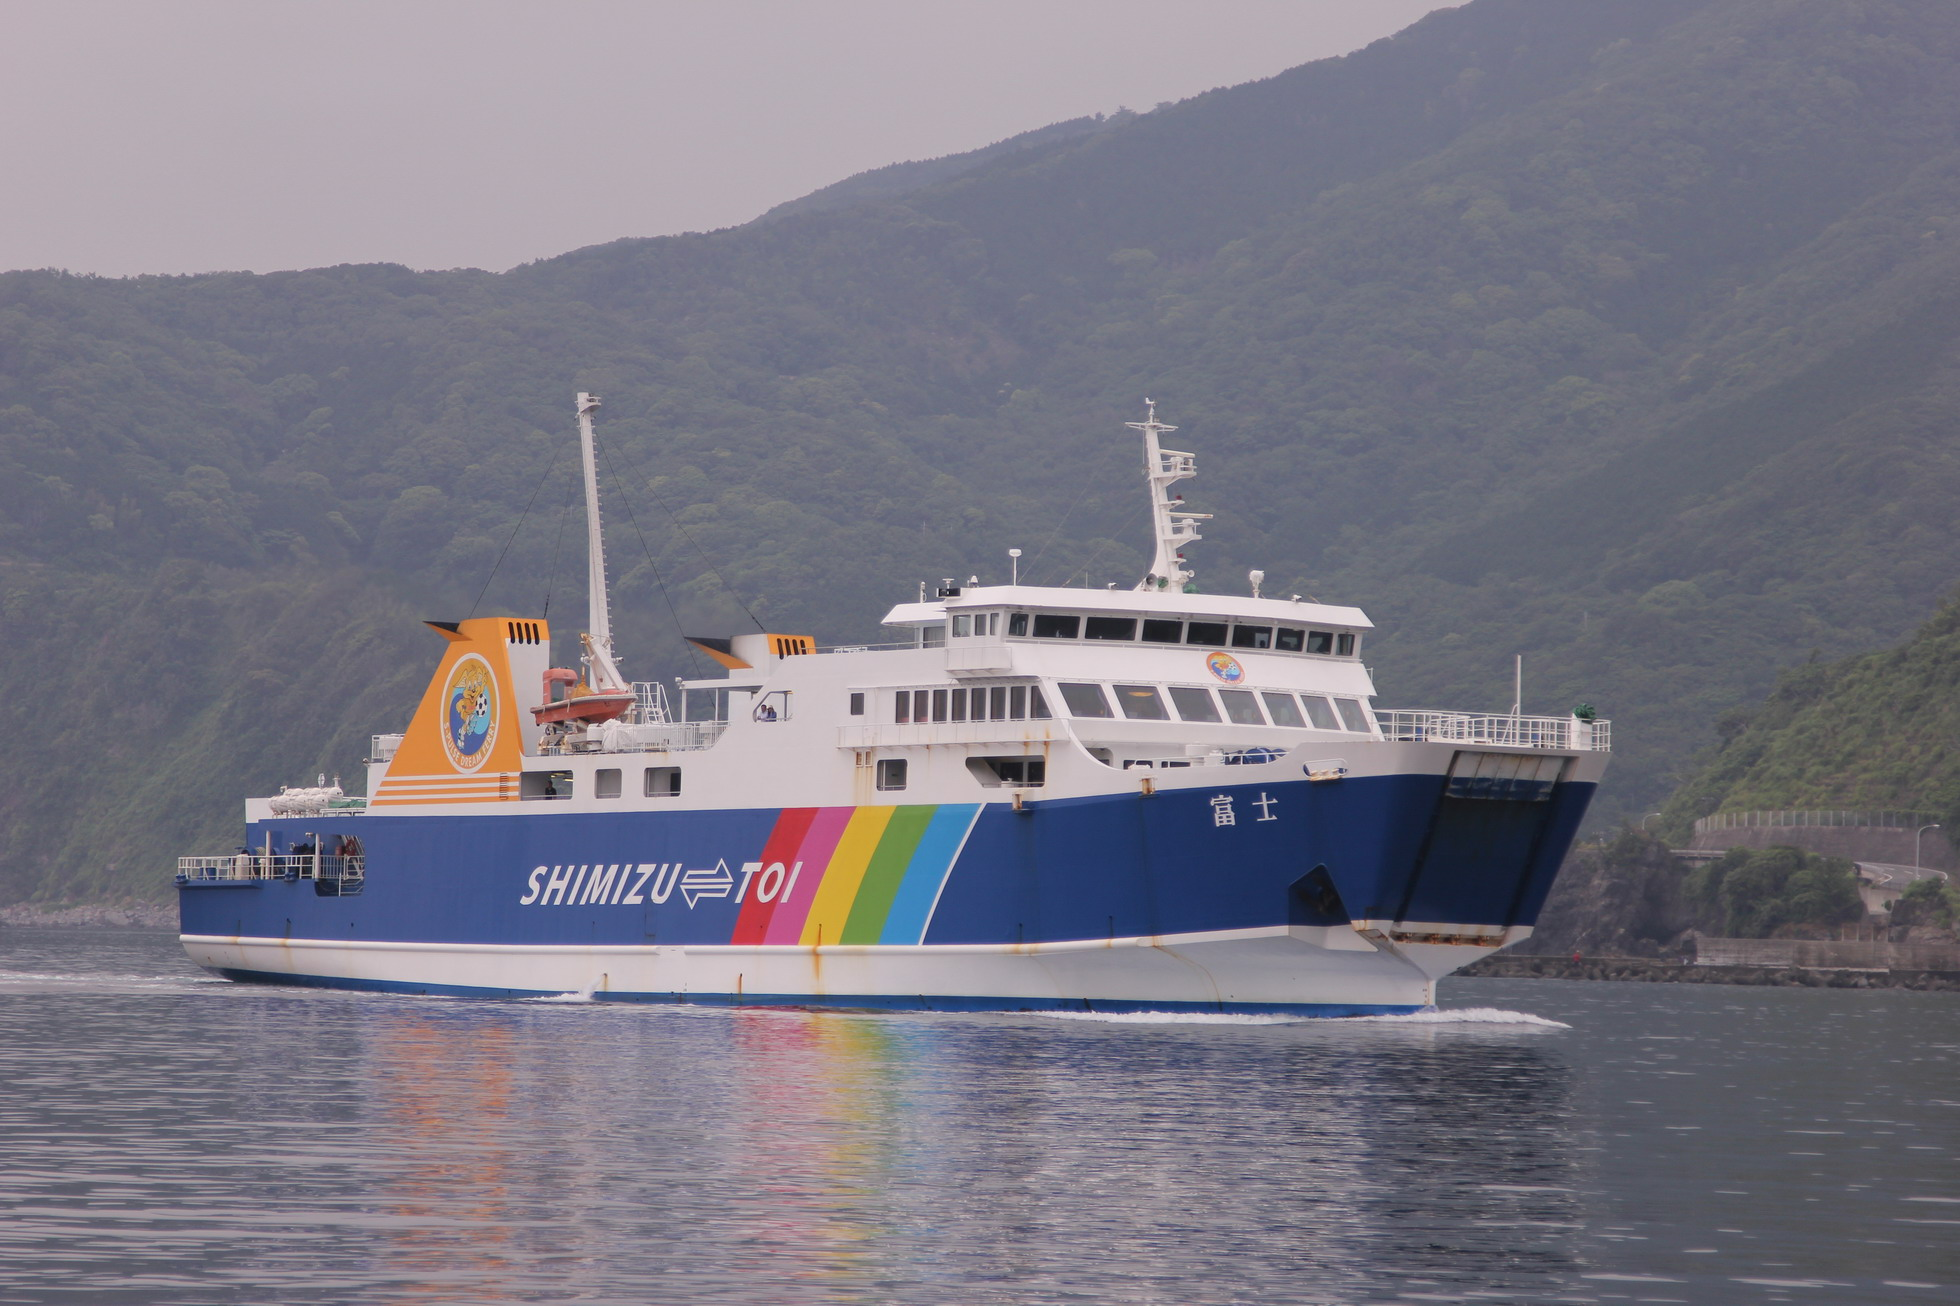 09:20~10:10 - 駿河灣搭乘輪渡 - 富士號(09:20發船)